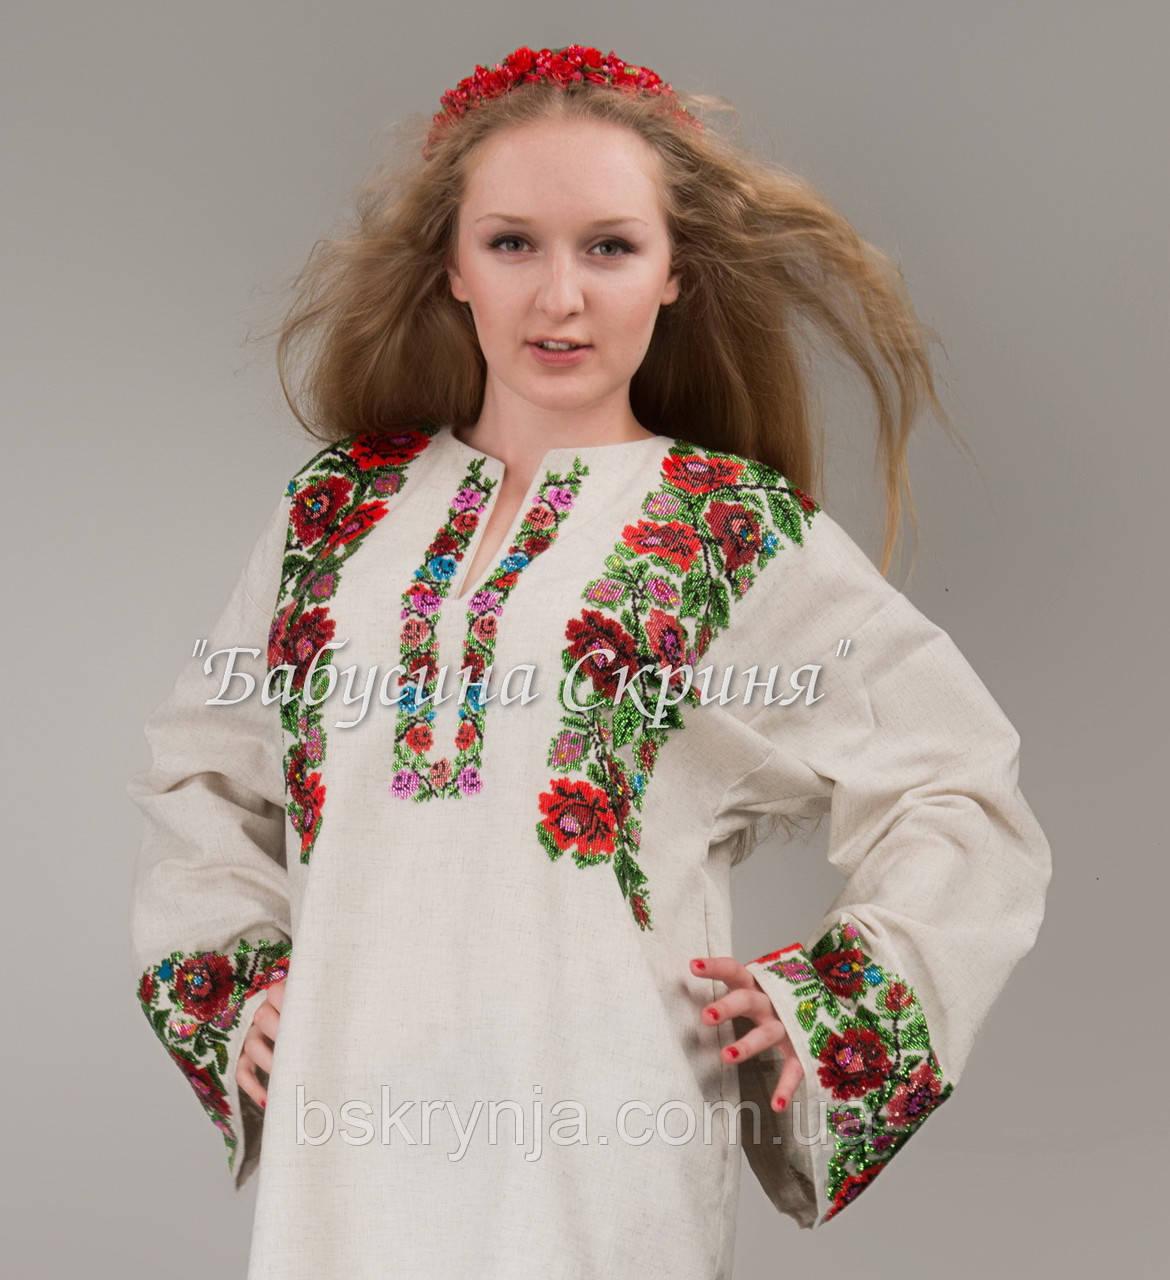 Заготовка Борщівської жіночої сорочки для вишивки нитками/бісером БС-50(1)